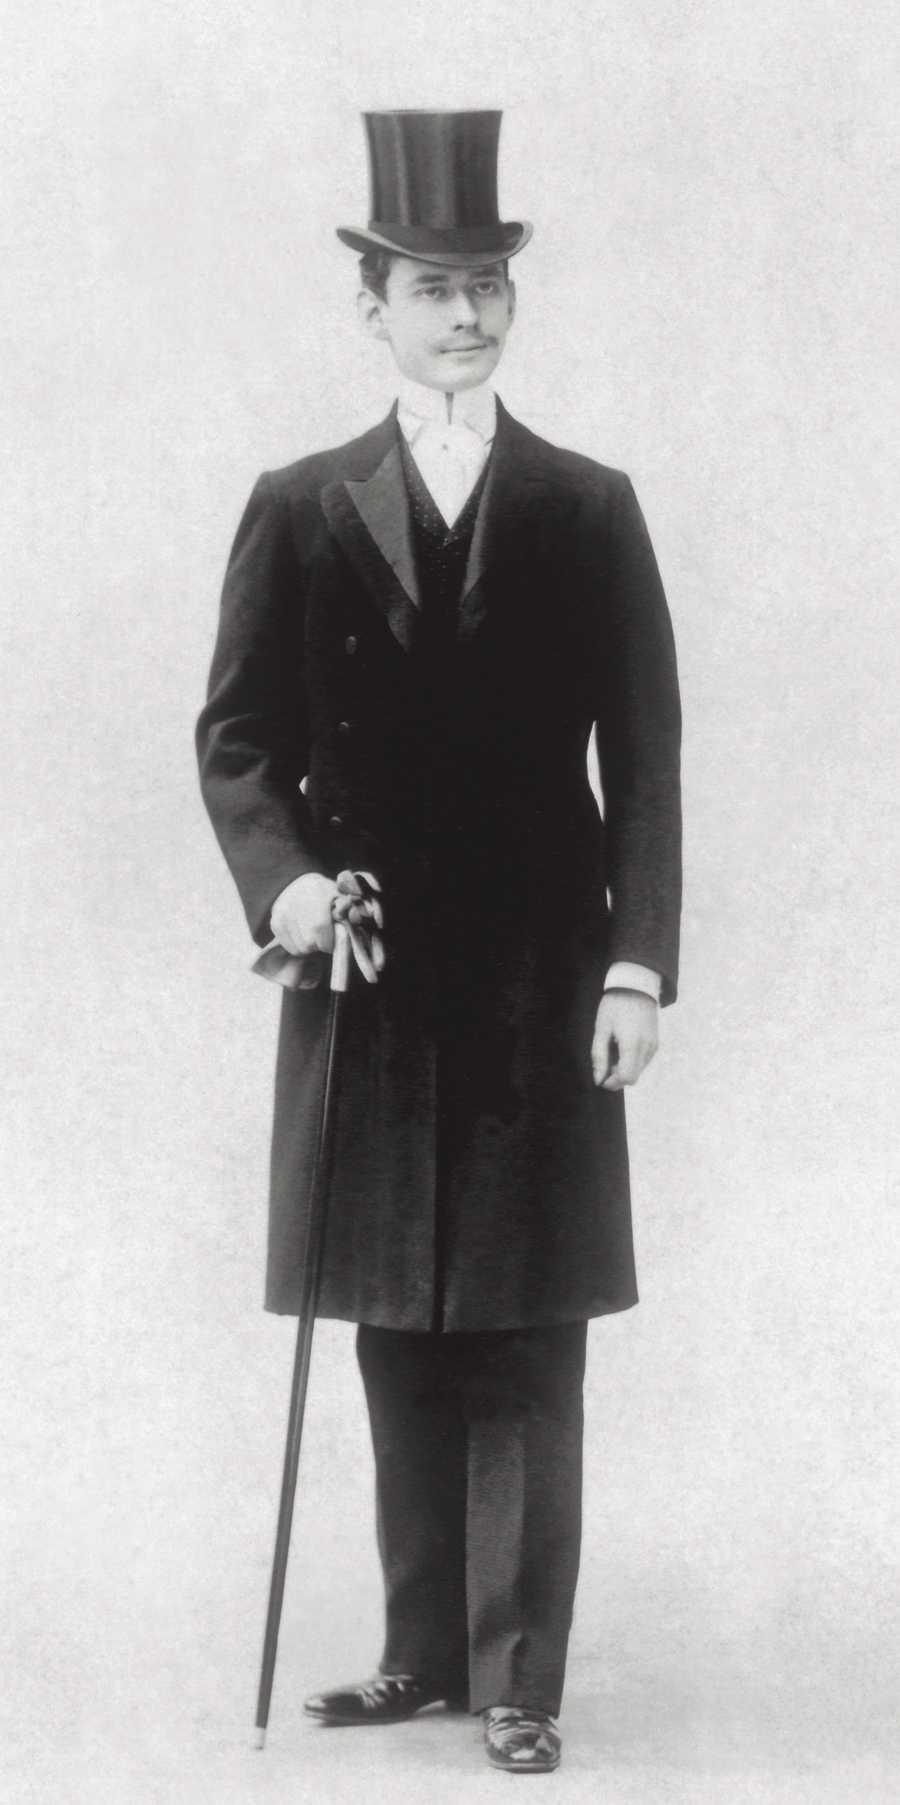 Louis Cartier, Sohn des Firmengründers Louis-François, baut Cartier als Luxusatelier für Uhren und Schmuck auf. Das bis heute bestehende weltweite Renommee verdankt das Unternehmen ihm